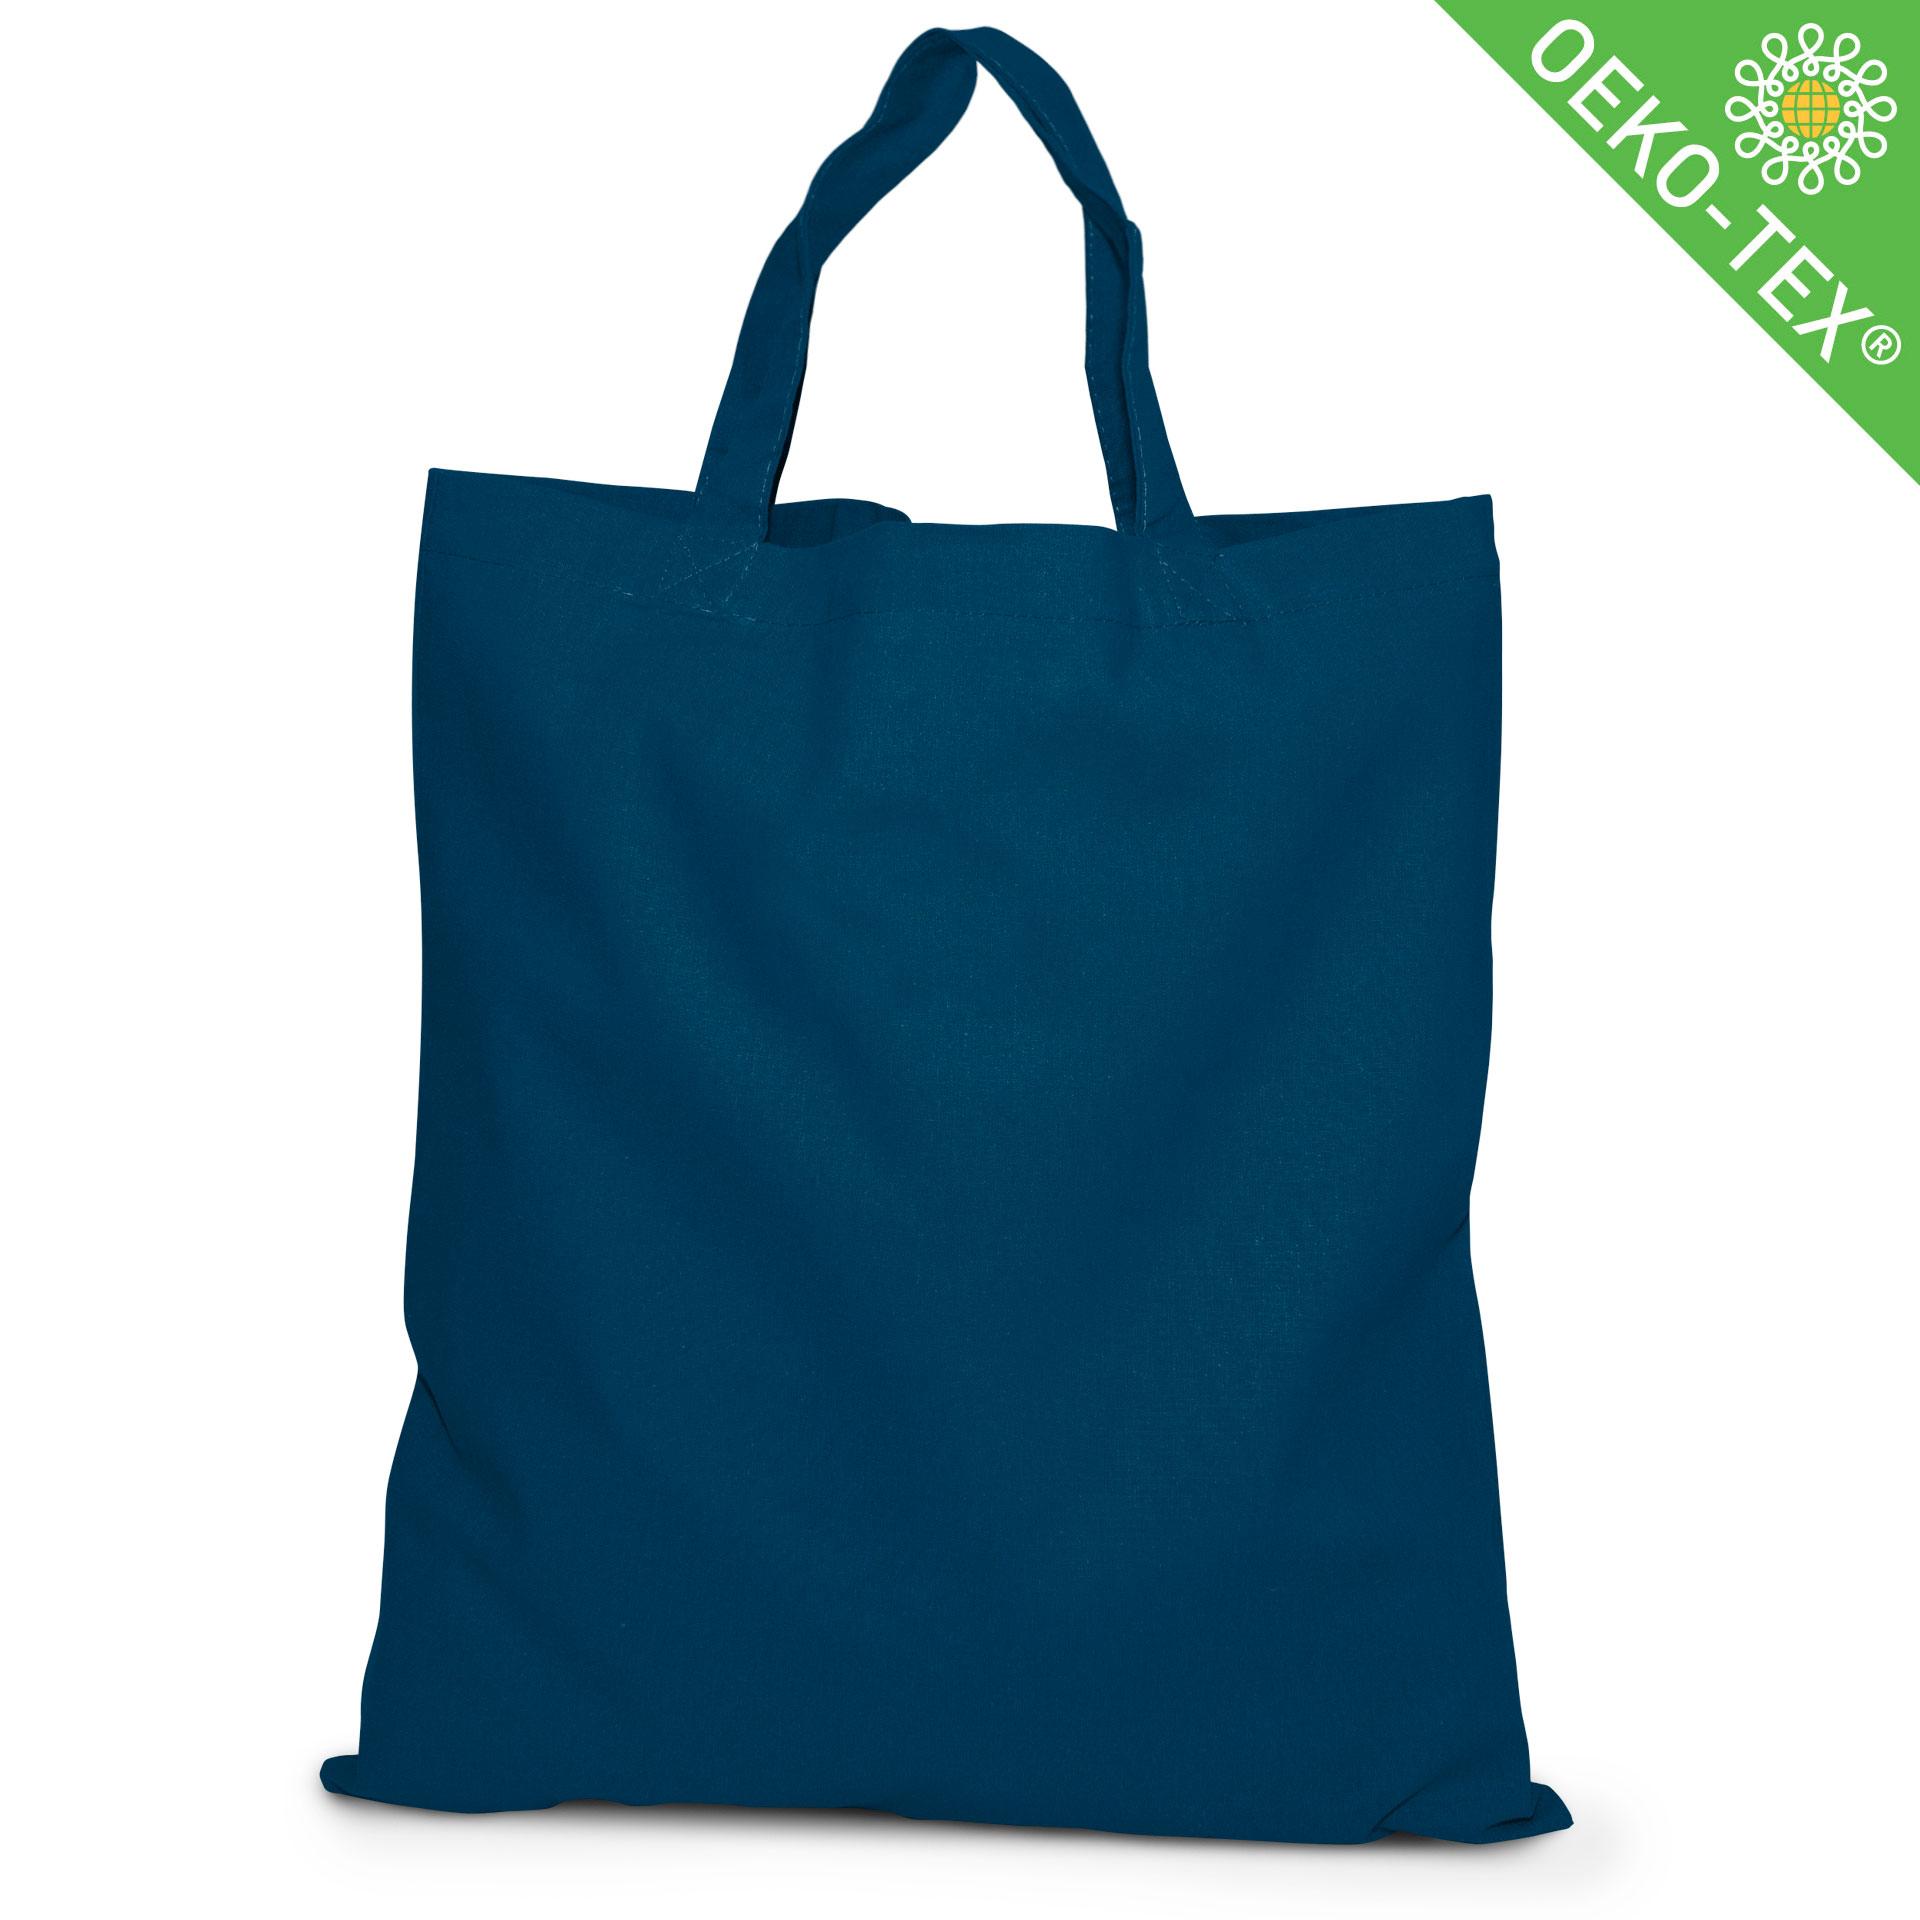 20 Kapstadt Baumwolltasche mit kurzen Henkeln, Farbe: marineblau